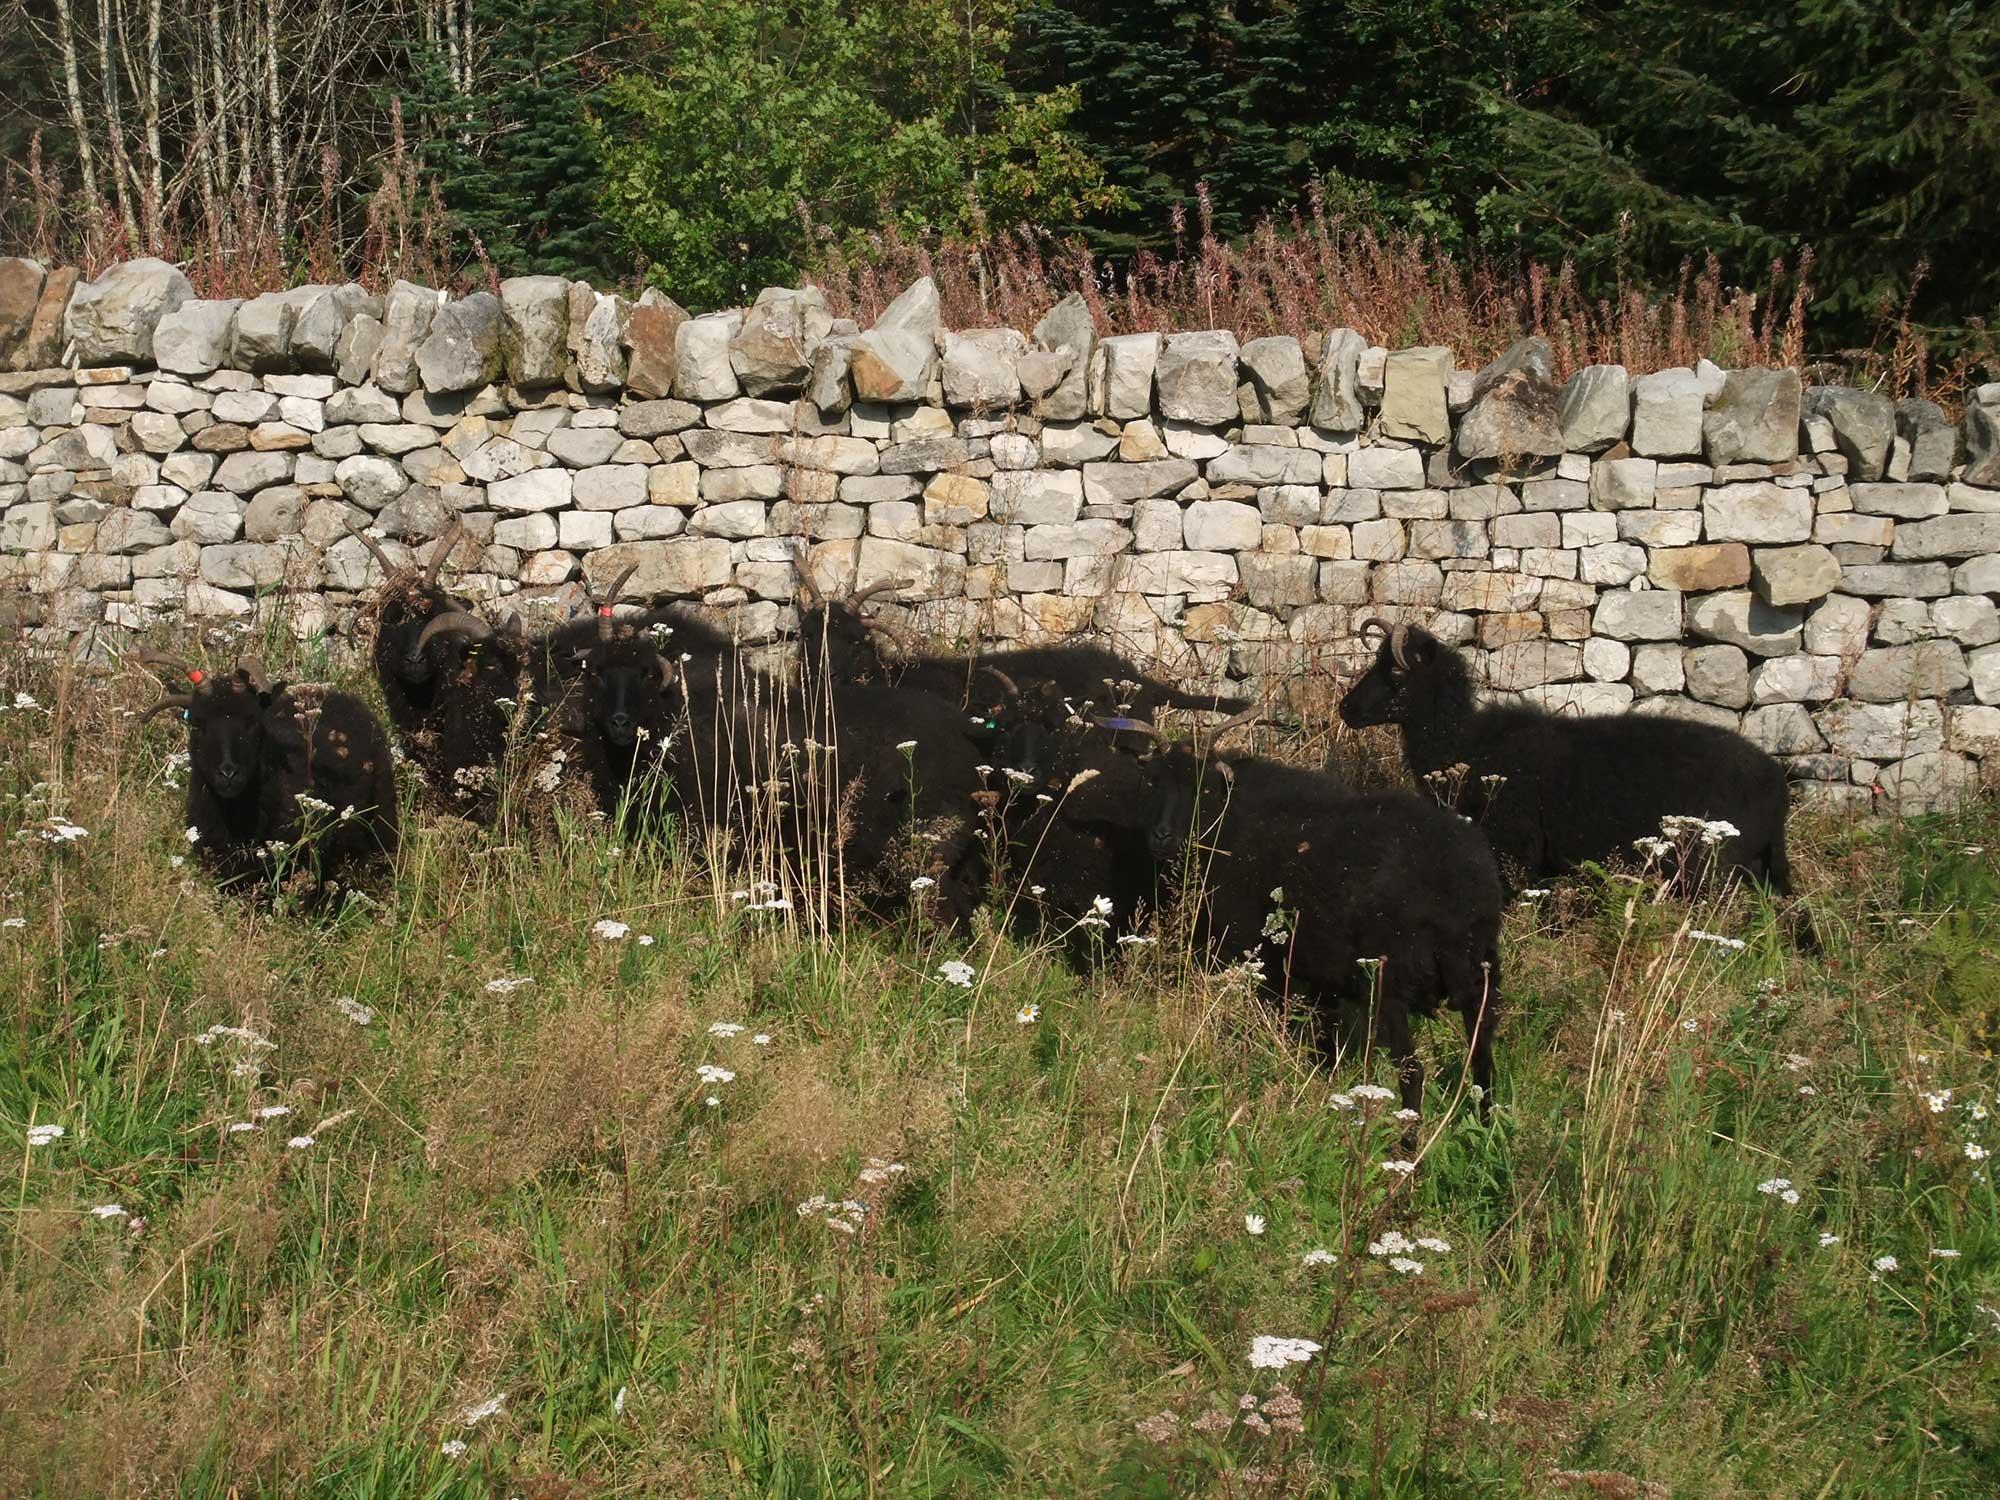 *Hebridean Sheep in Wildflower meadow